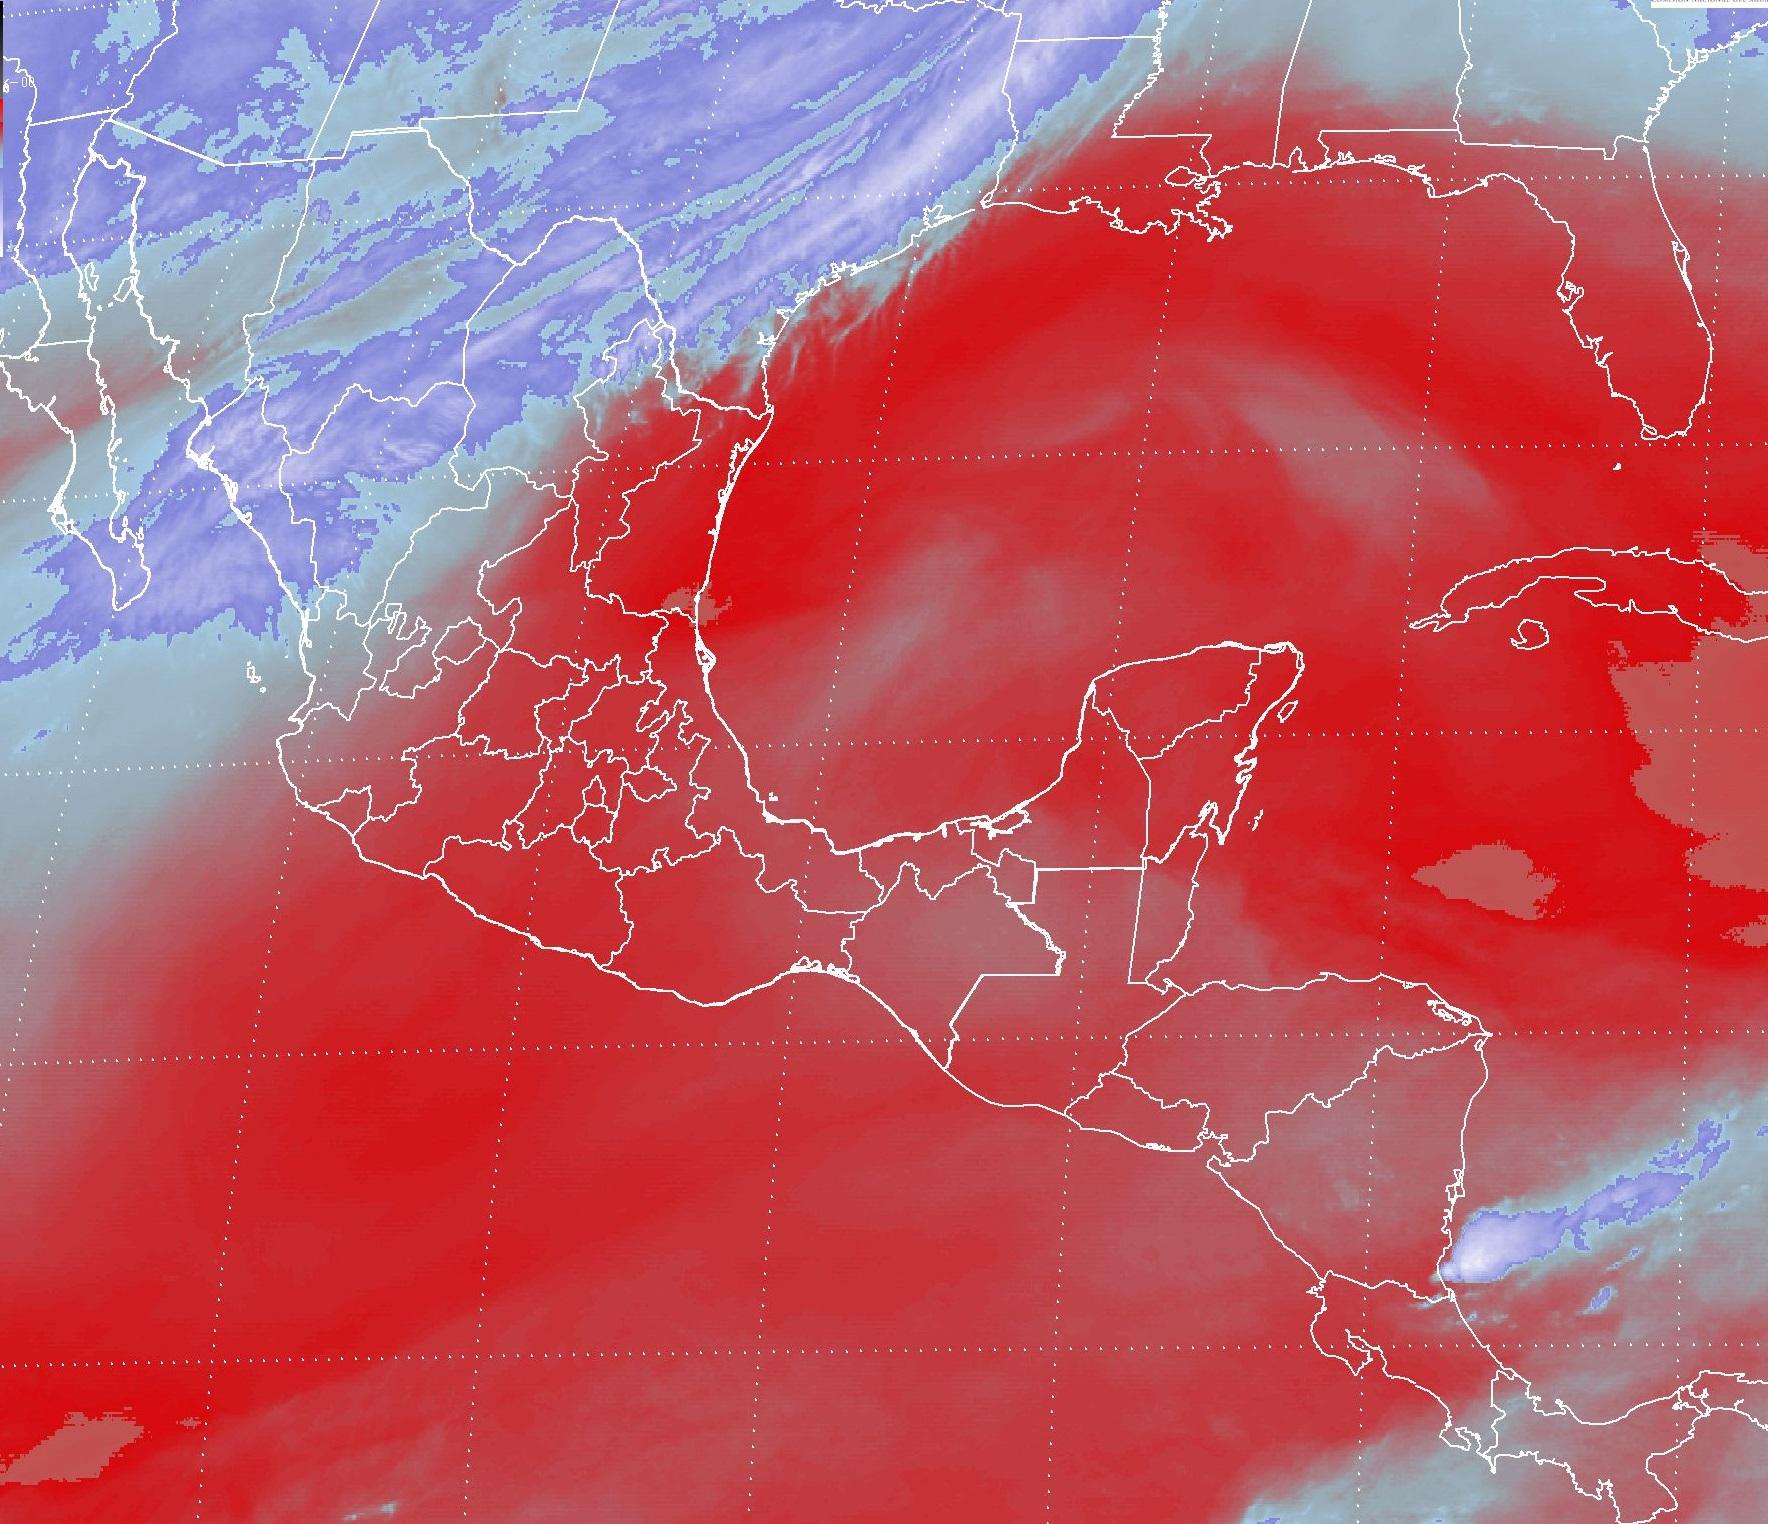 Se mantendrá el ambiente frío durante la mañana y la noche en la mayor parte de México